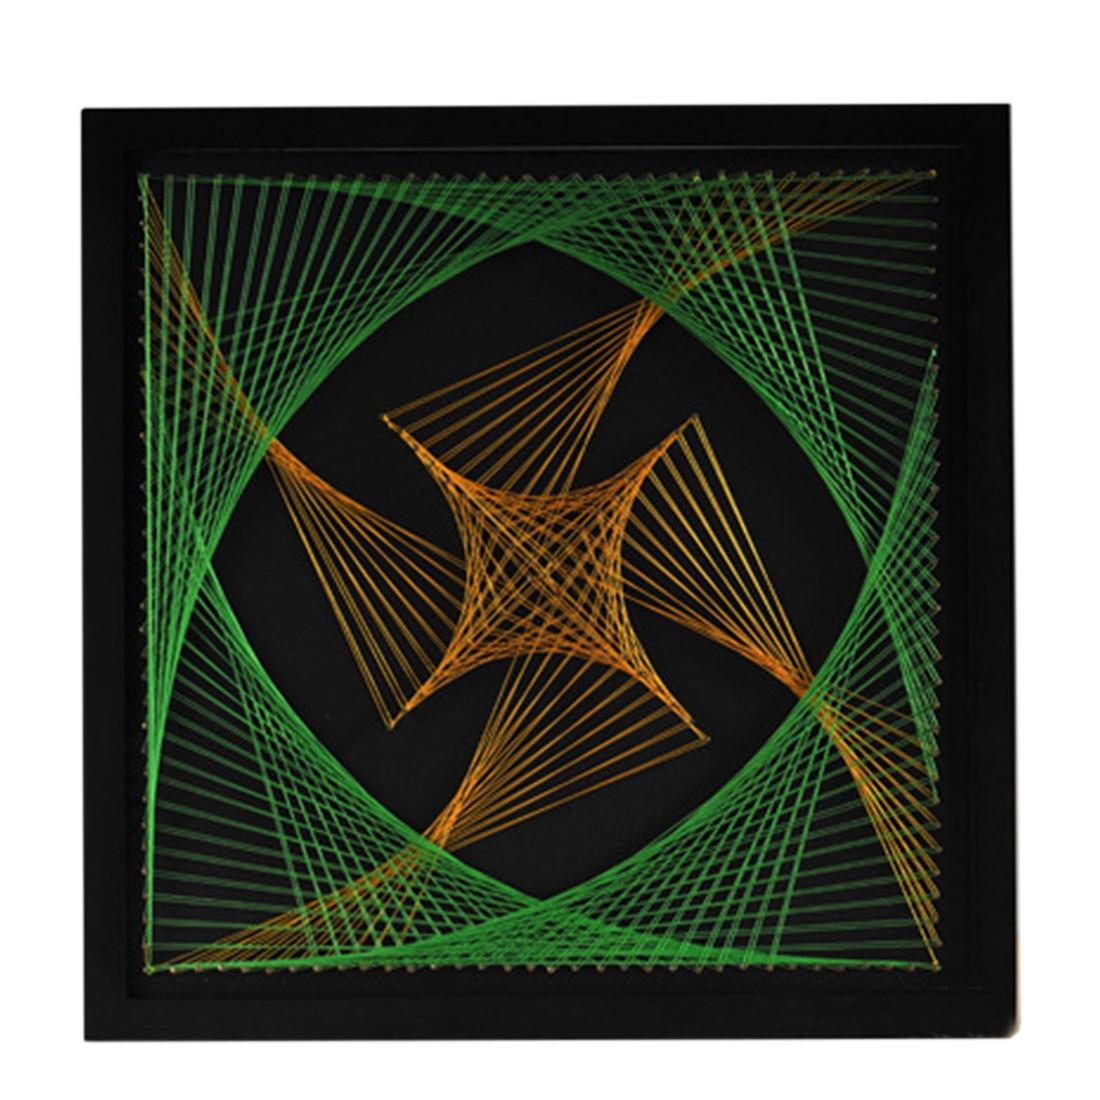 DIY hilo 3D pintura Pin Cadena de uñas Kit de arte cuerda geométrica líneas de dibujo pintura arte Kit con marco descompresión